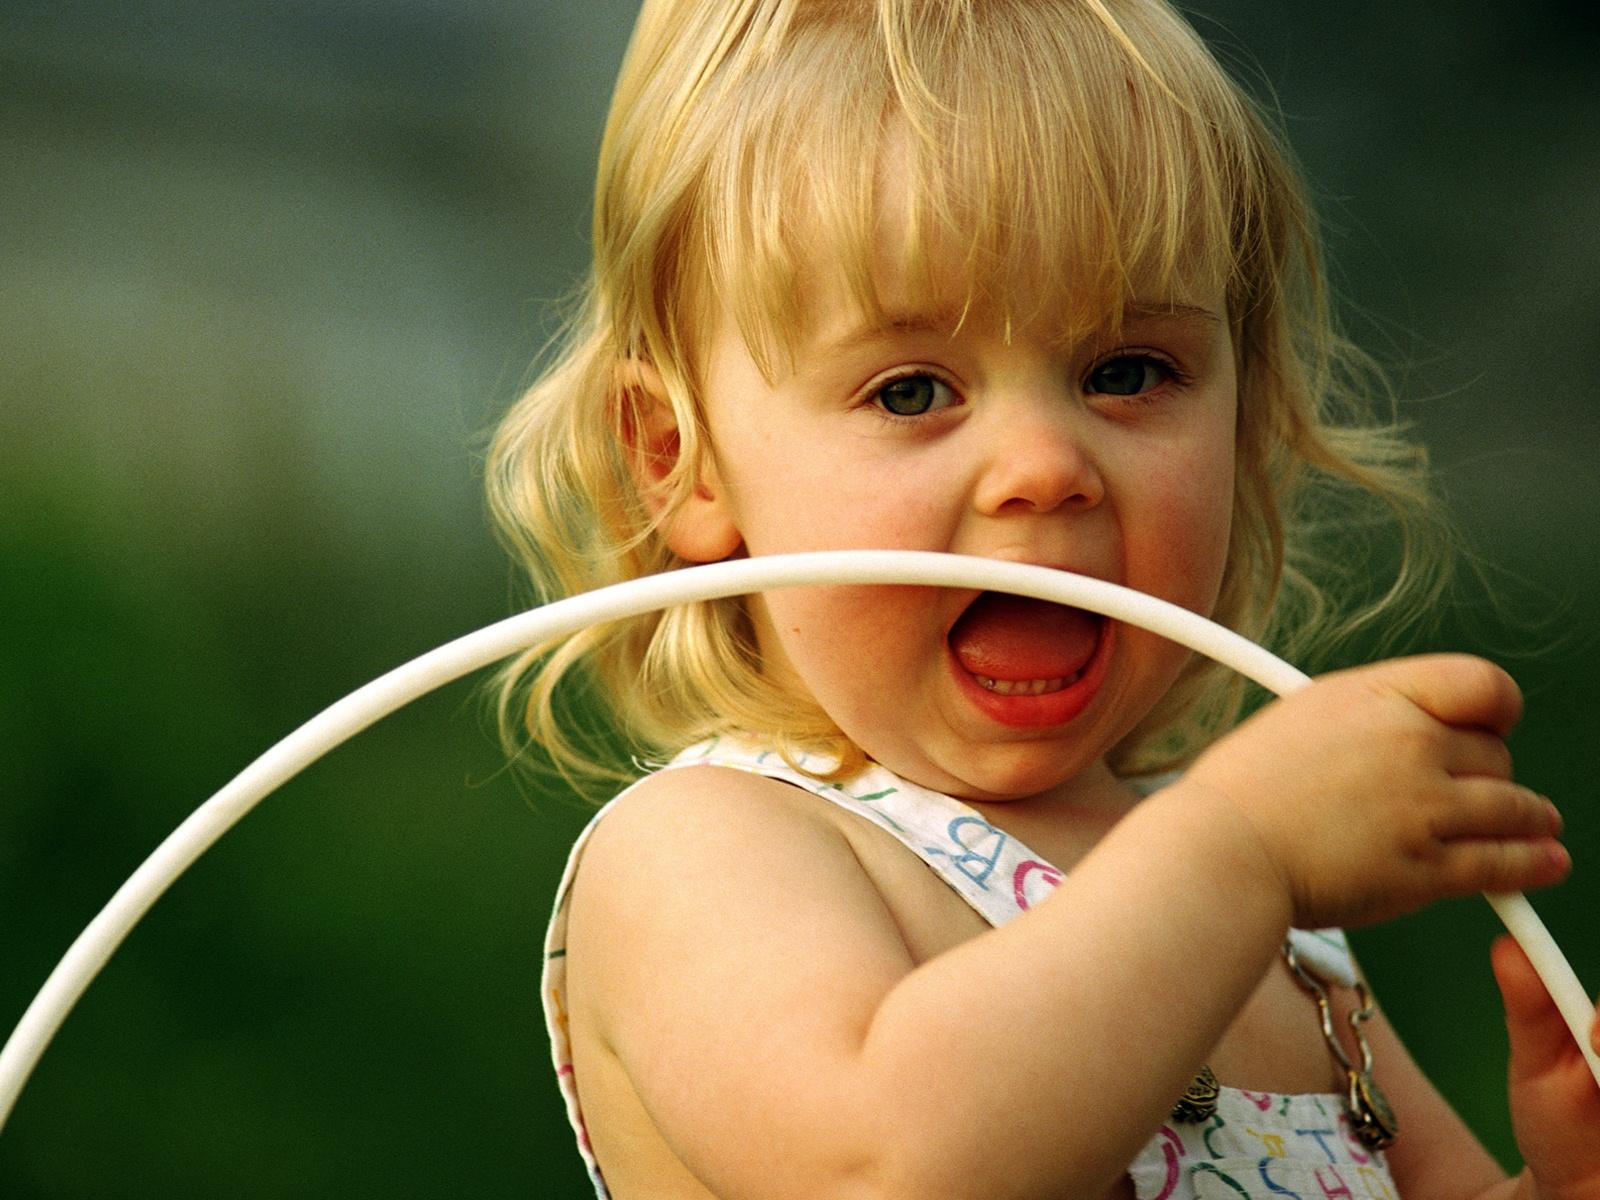 http://1.bp.blogspot.com/-ldveRqSfA3A/T2a_nWNMtxI/AAAAAAAACxI/lTsTWkQ3X14/s1600/cute+girl+wallpapers.jpg